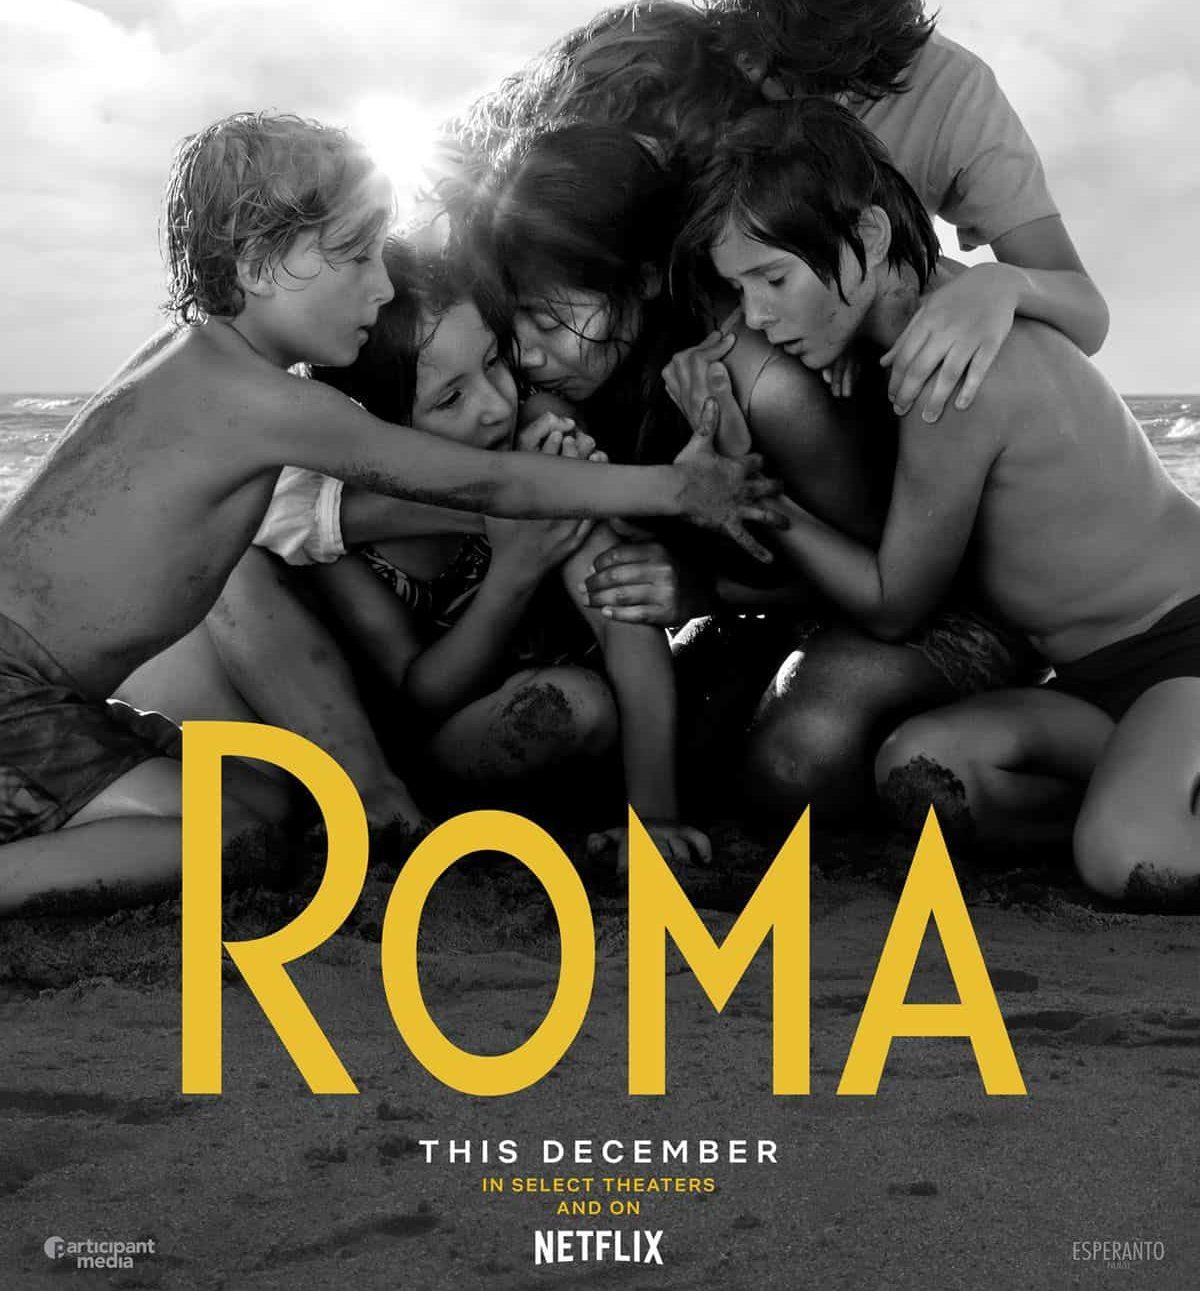 مراسم اسکار - اسکار 2019 - فیلم Roma